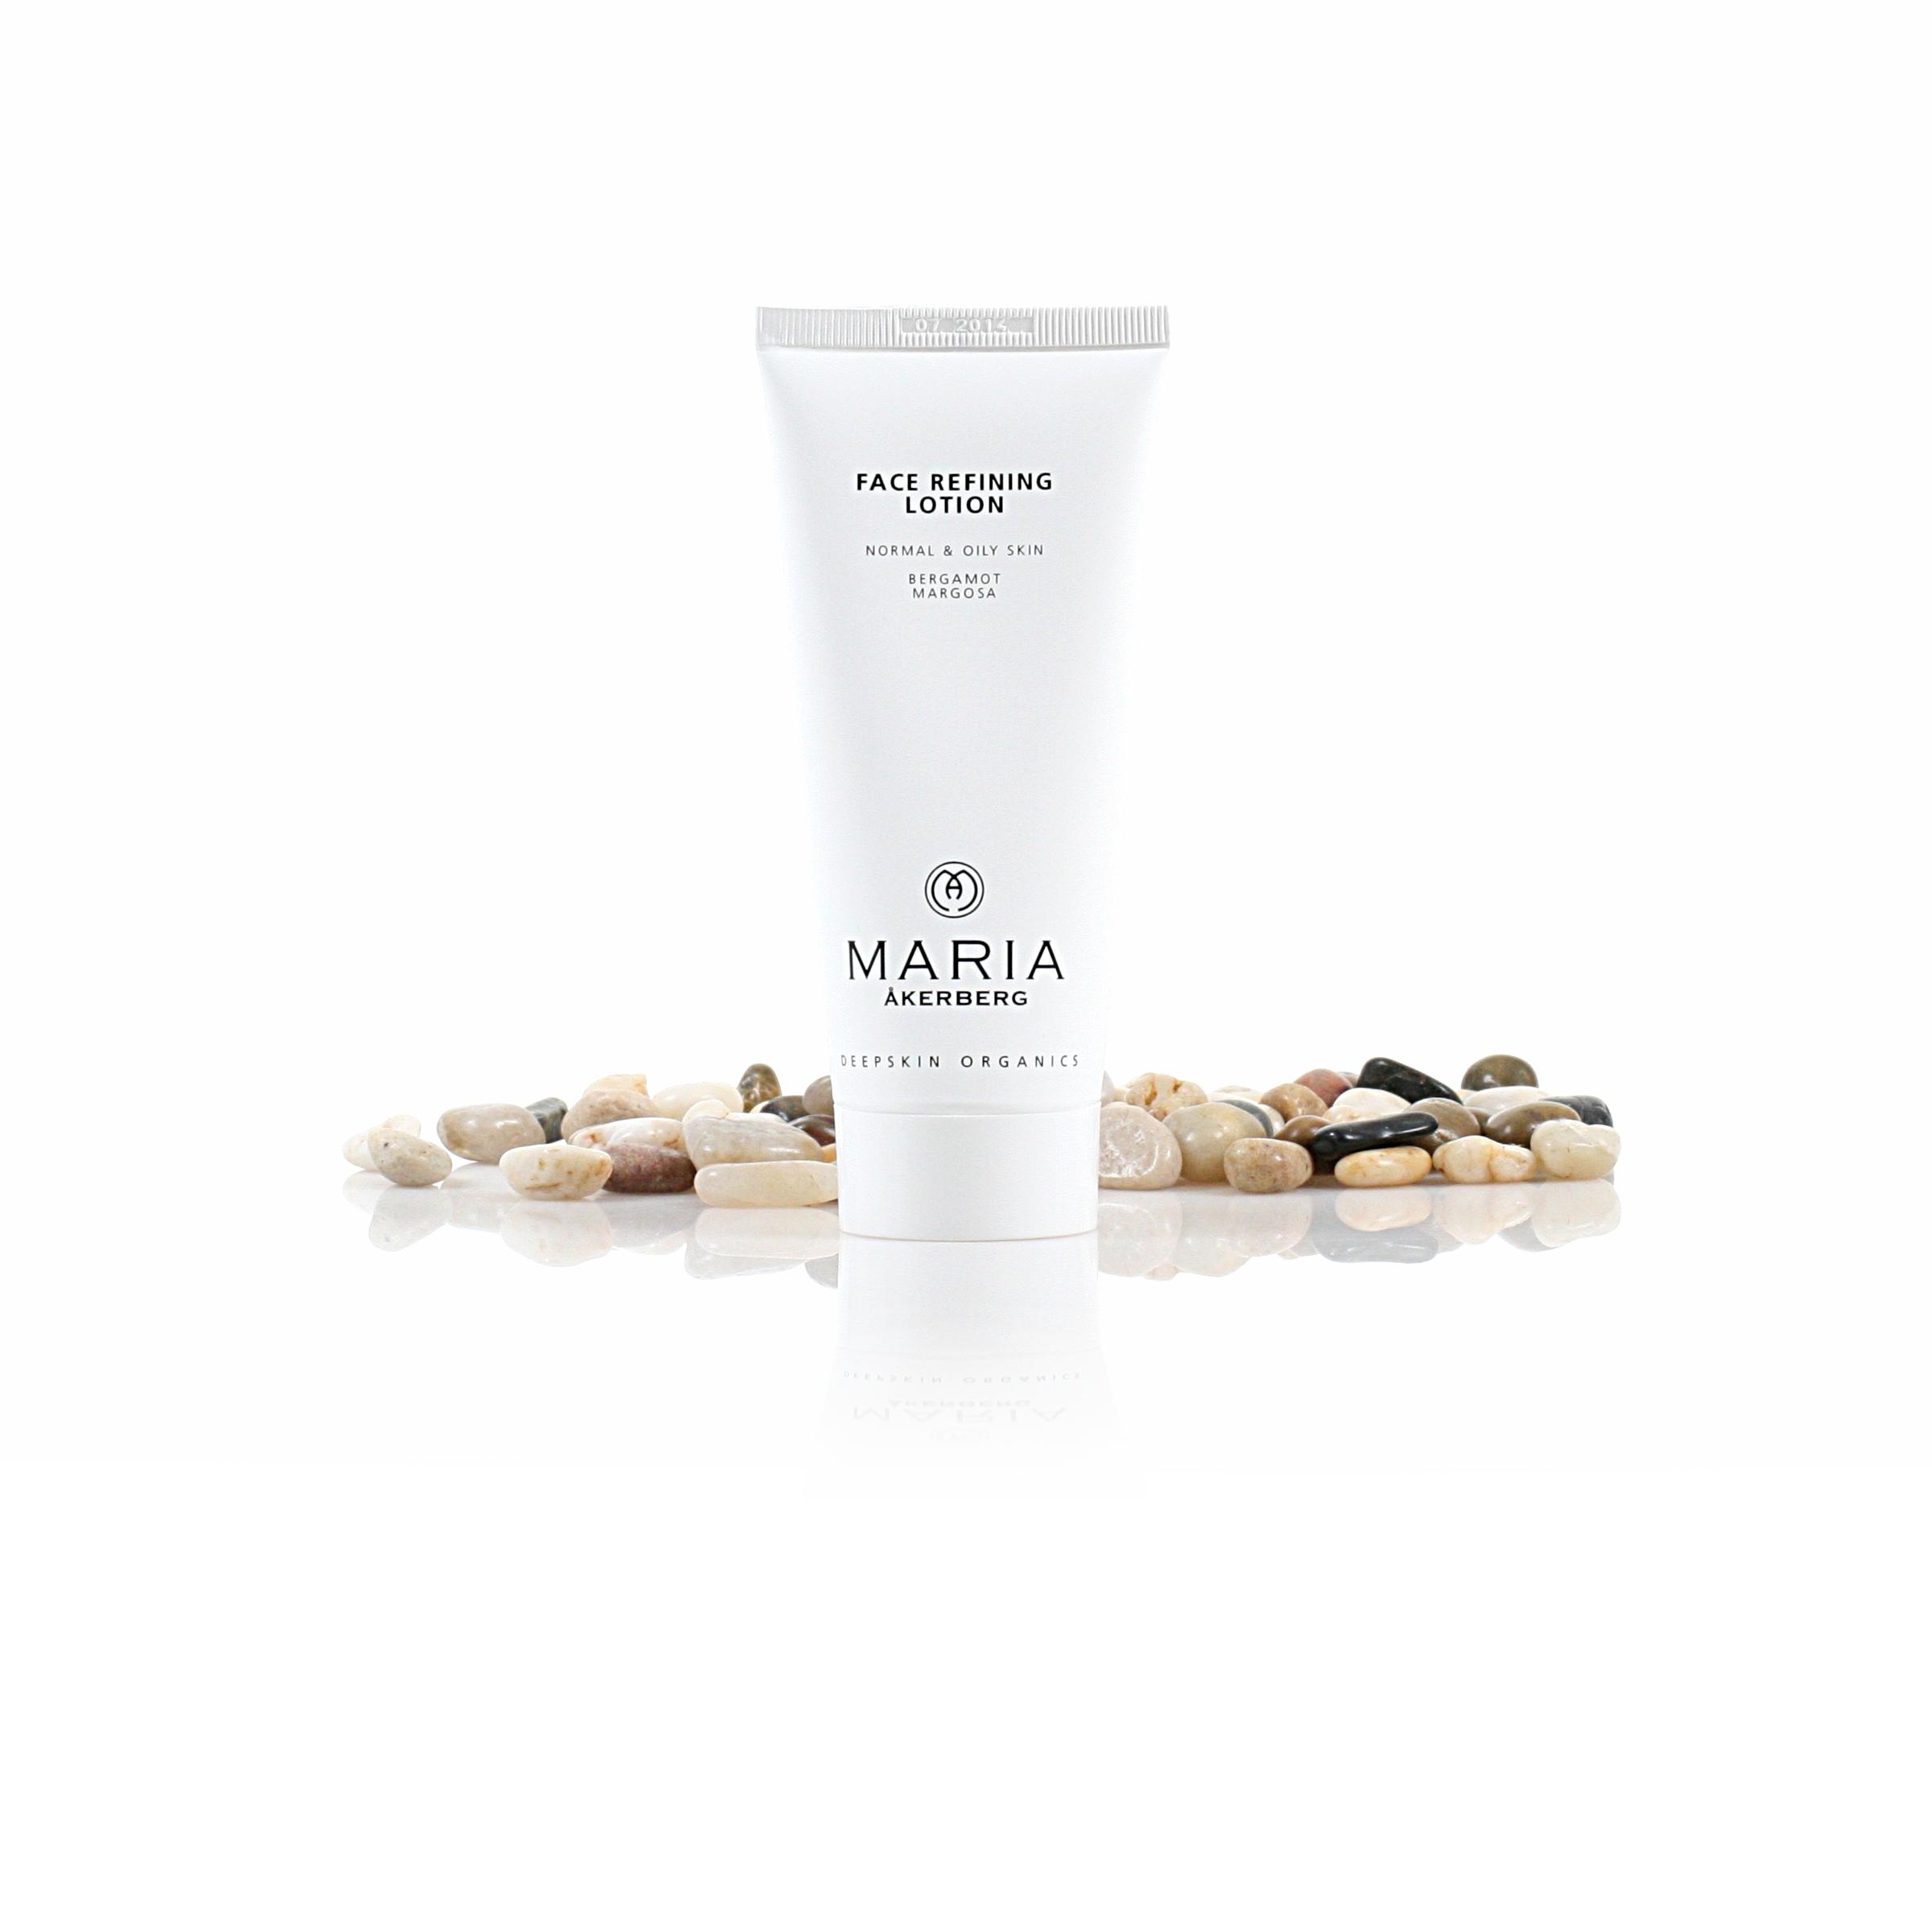 maria åkerberg face refining lotion